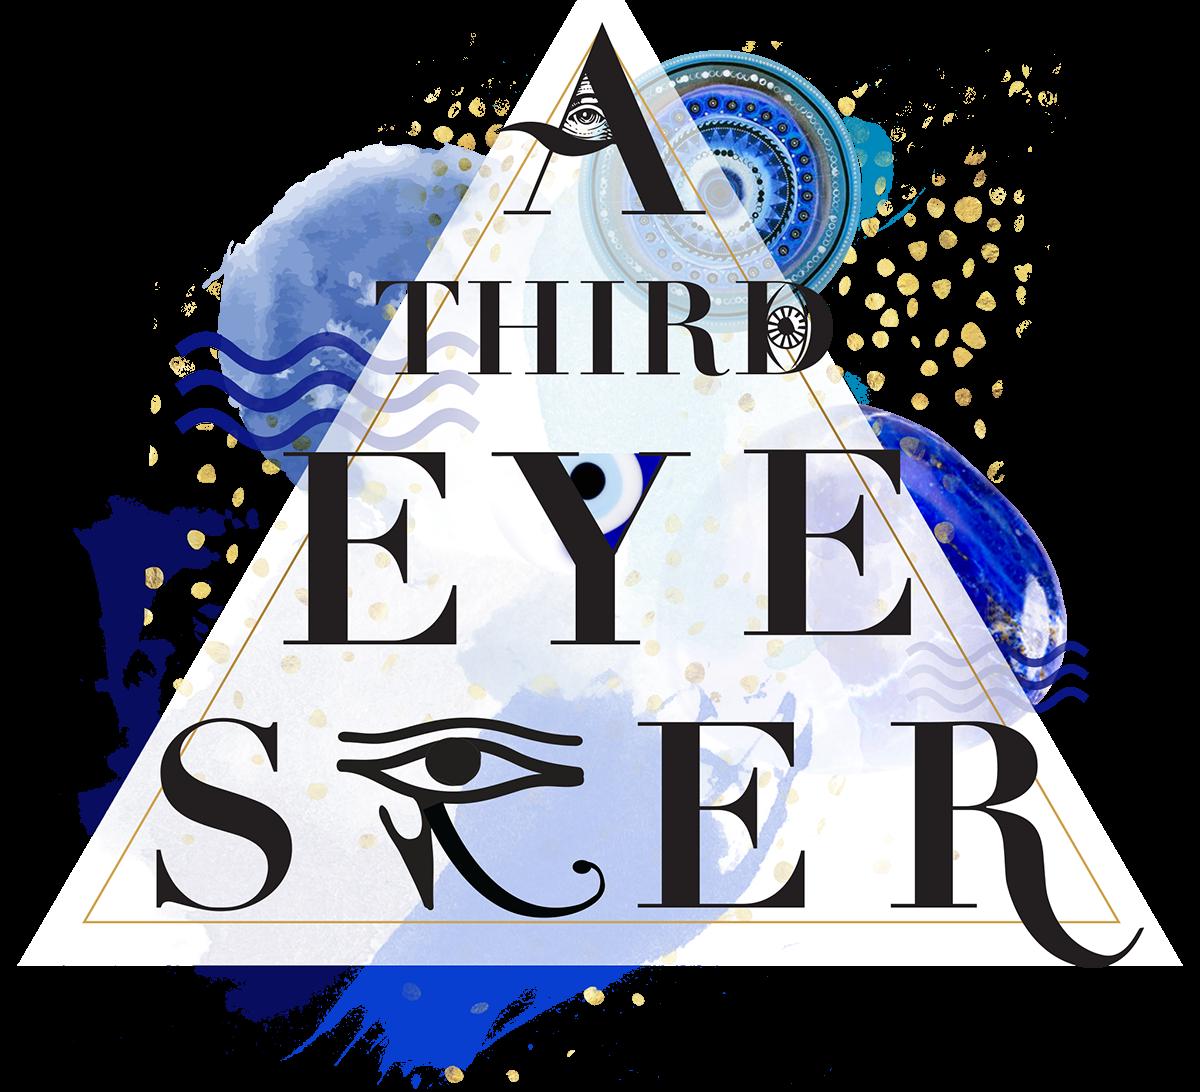 A Third Eye Seer